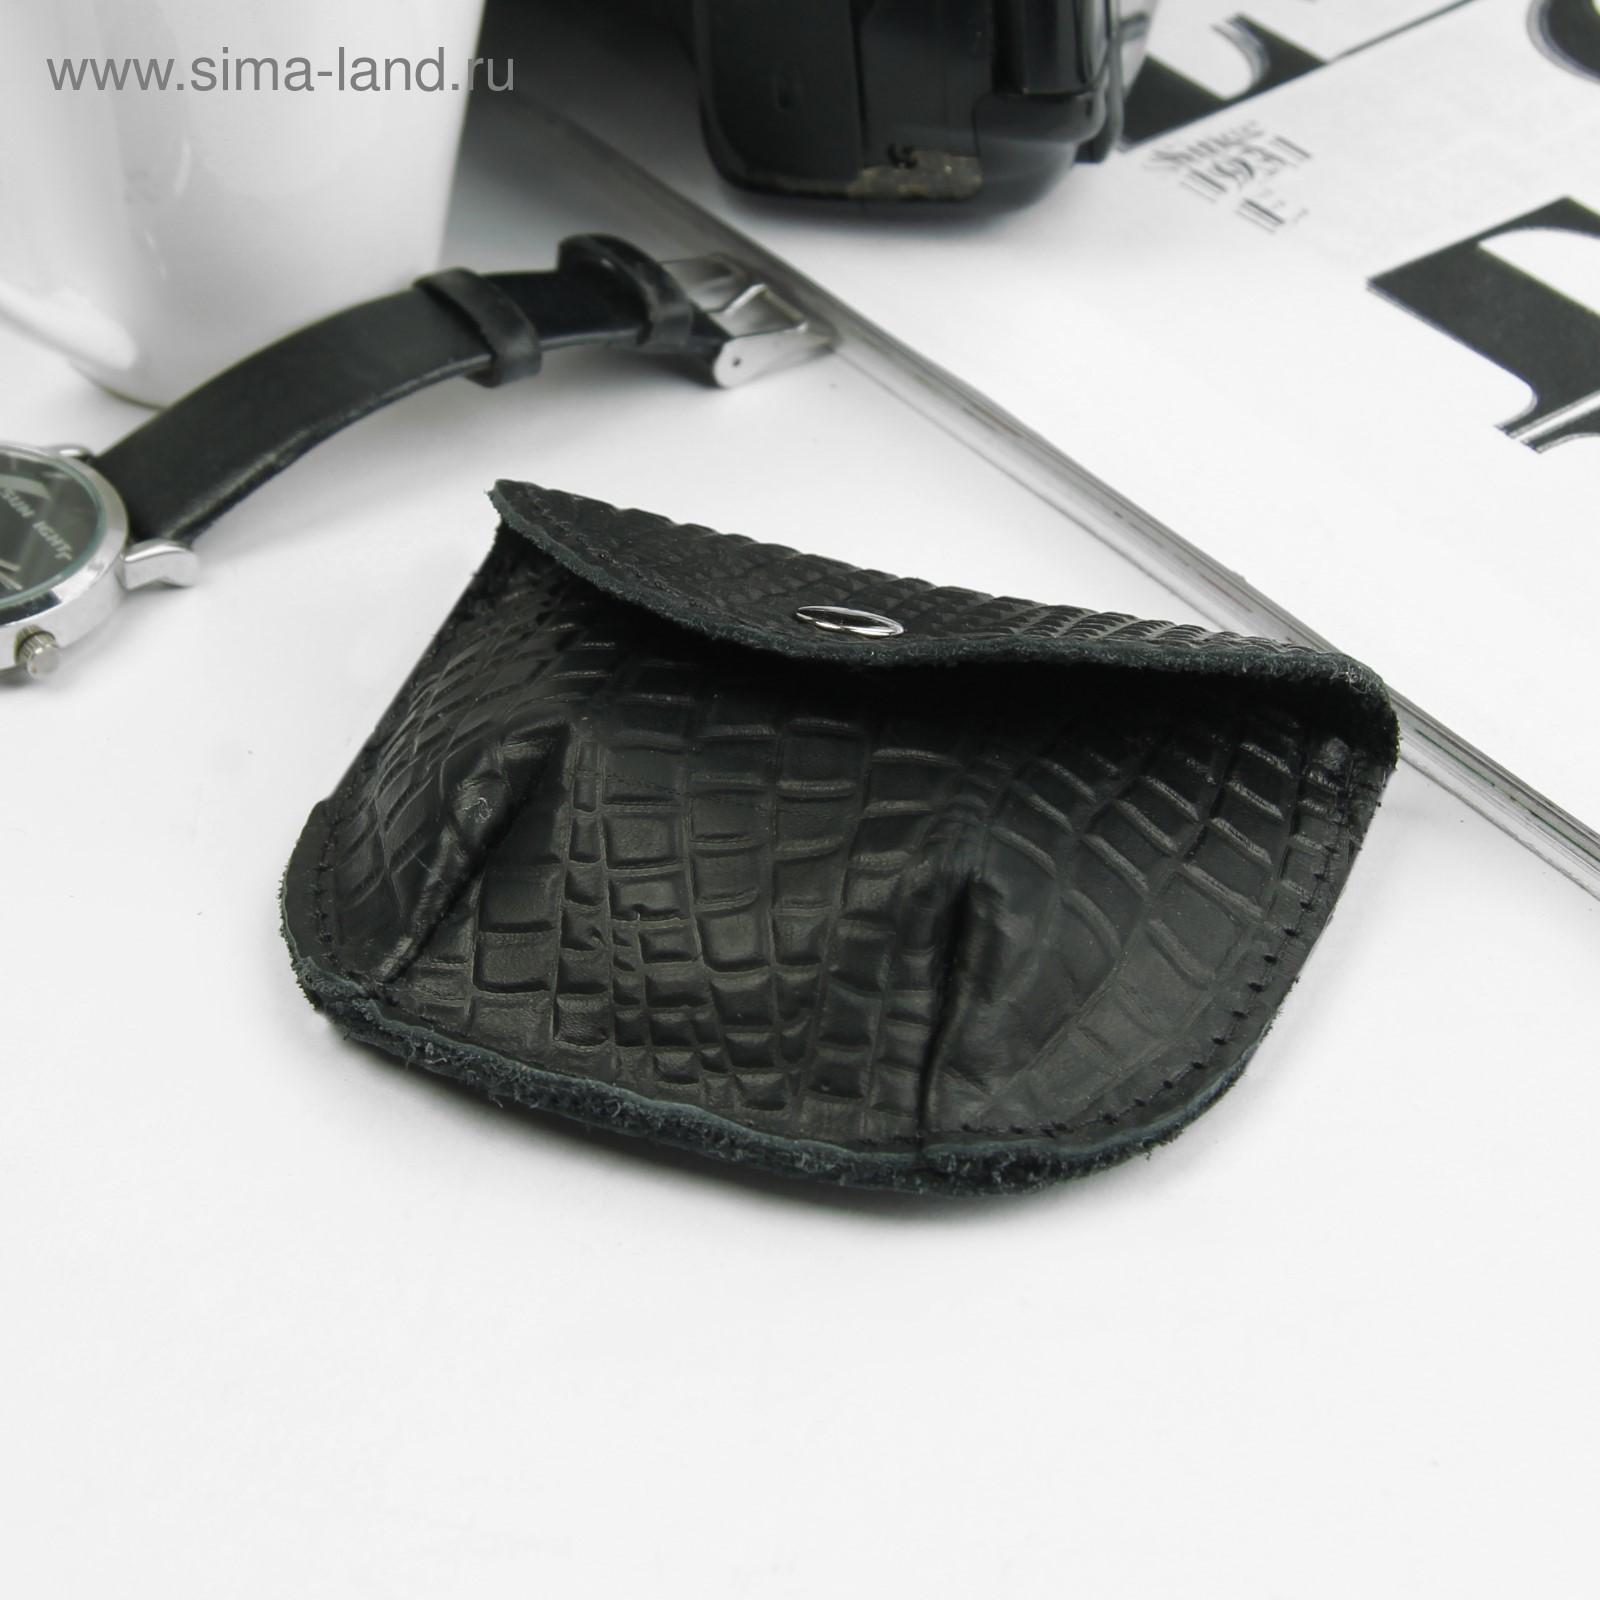 05c528dcc16a Кошелёк женский, 1 отдел на клапане, цвет чёрный (2440377) - Купить ...